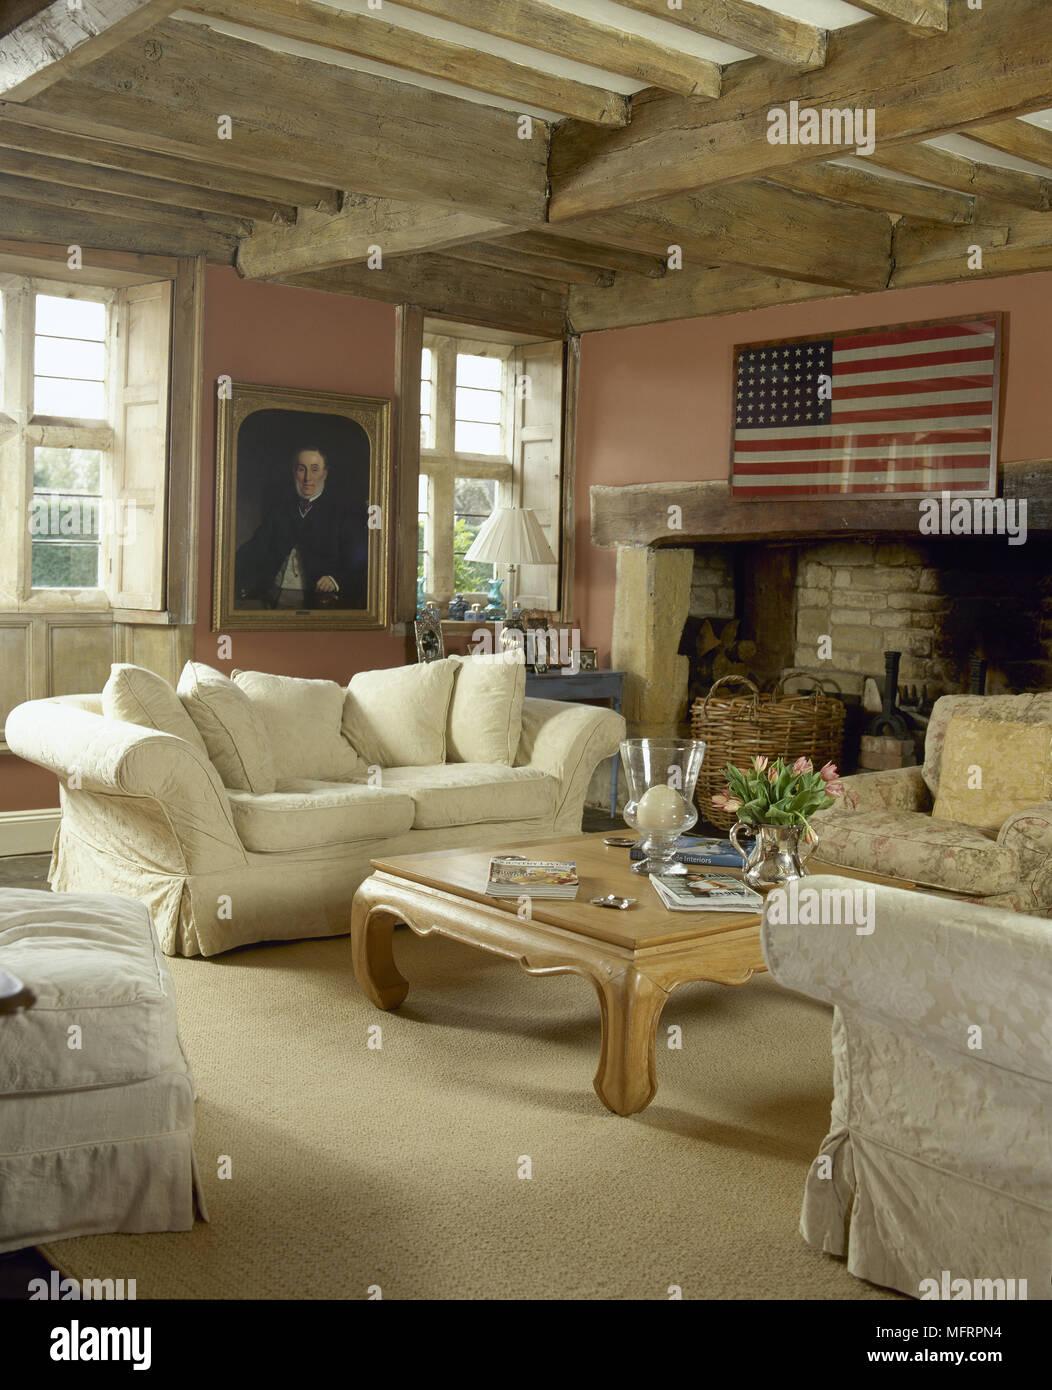 Rustikal, Land Wohnzimmer mit Holzbalkendecke, Amerikanische Flagge ...